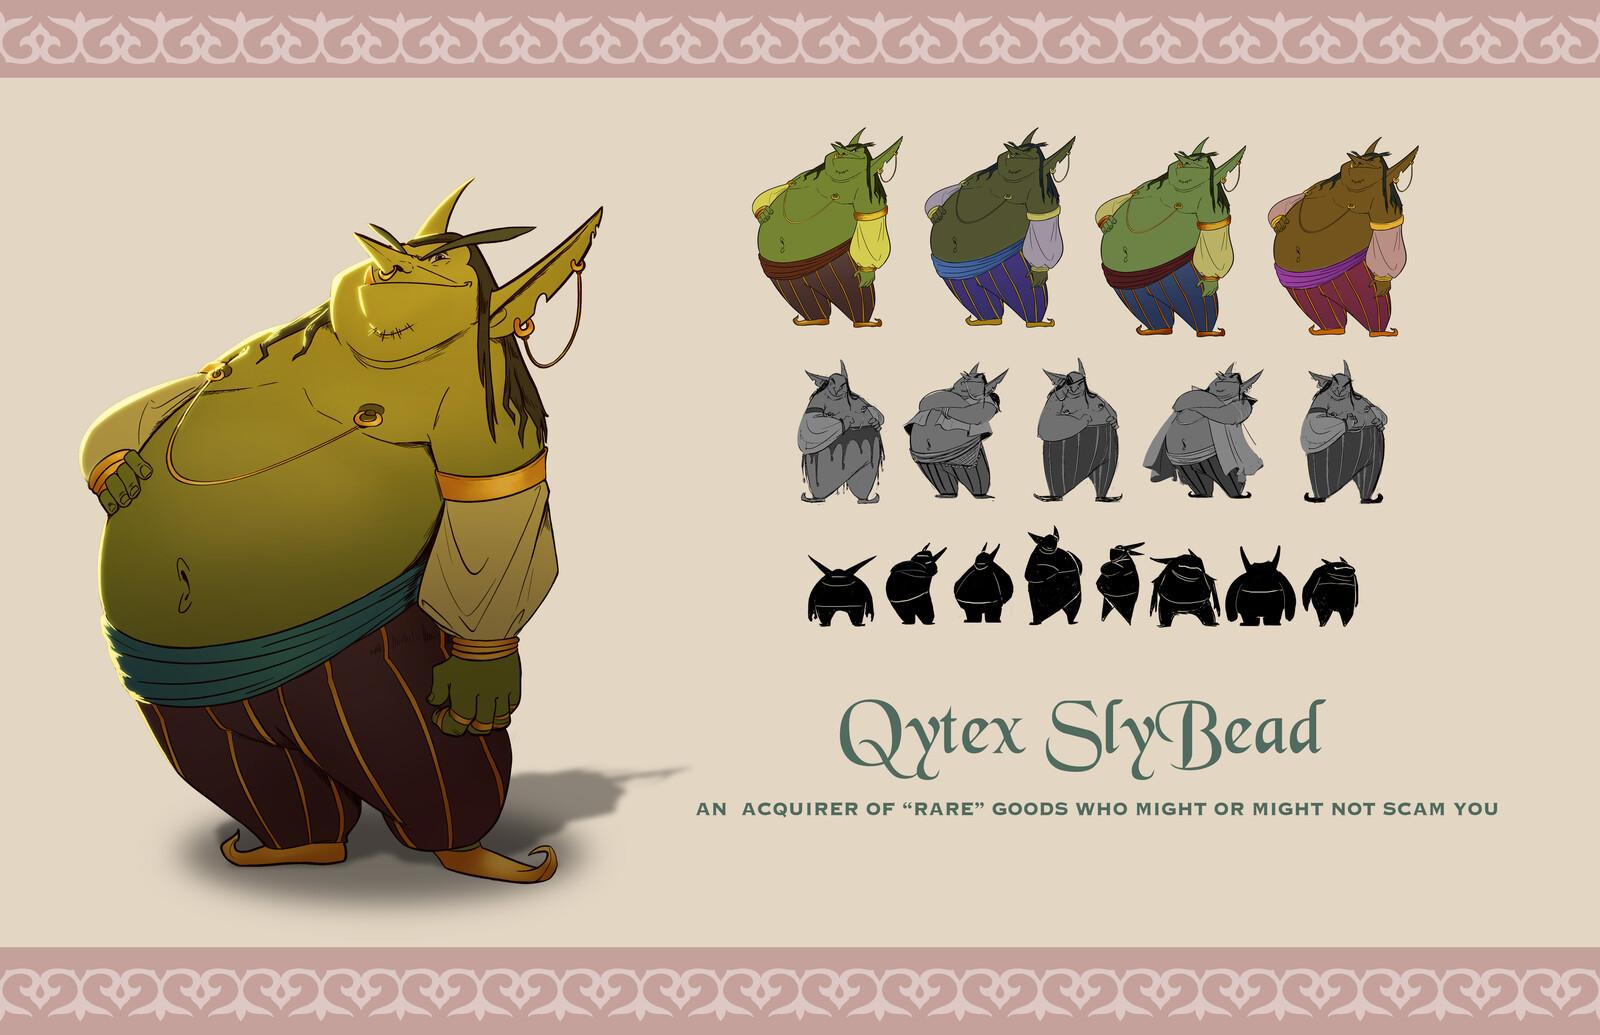 Qytex Slybead